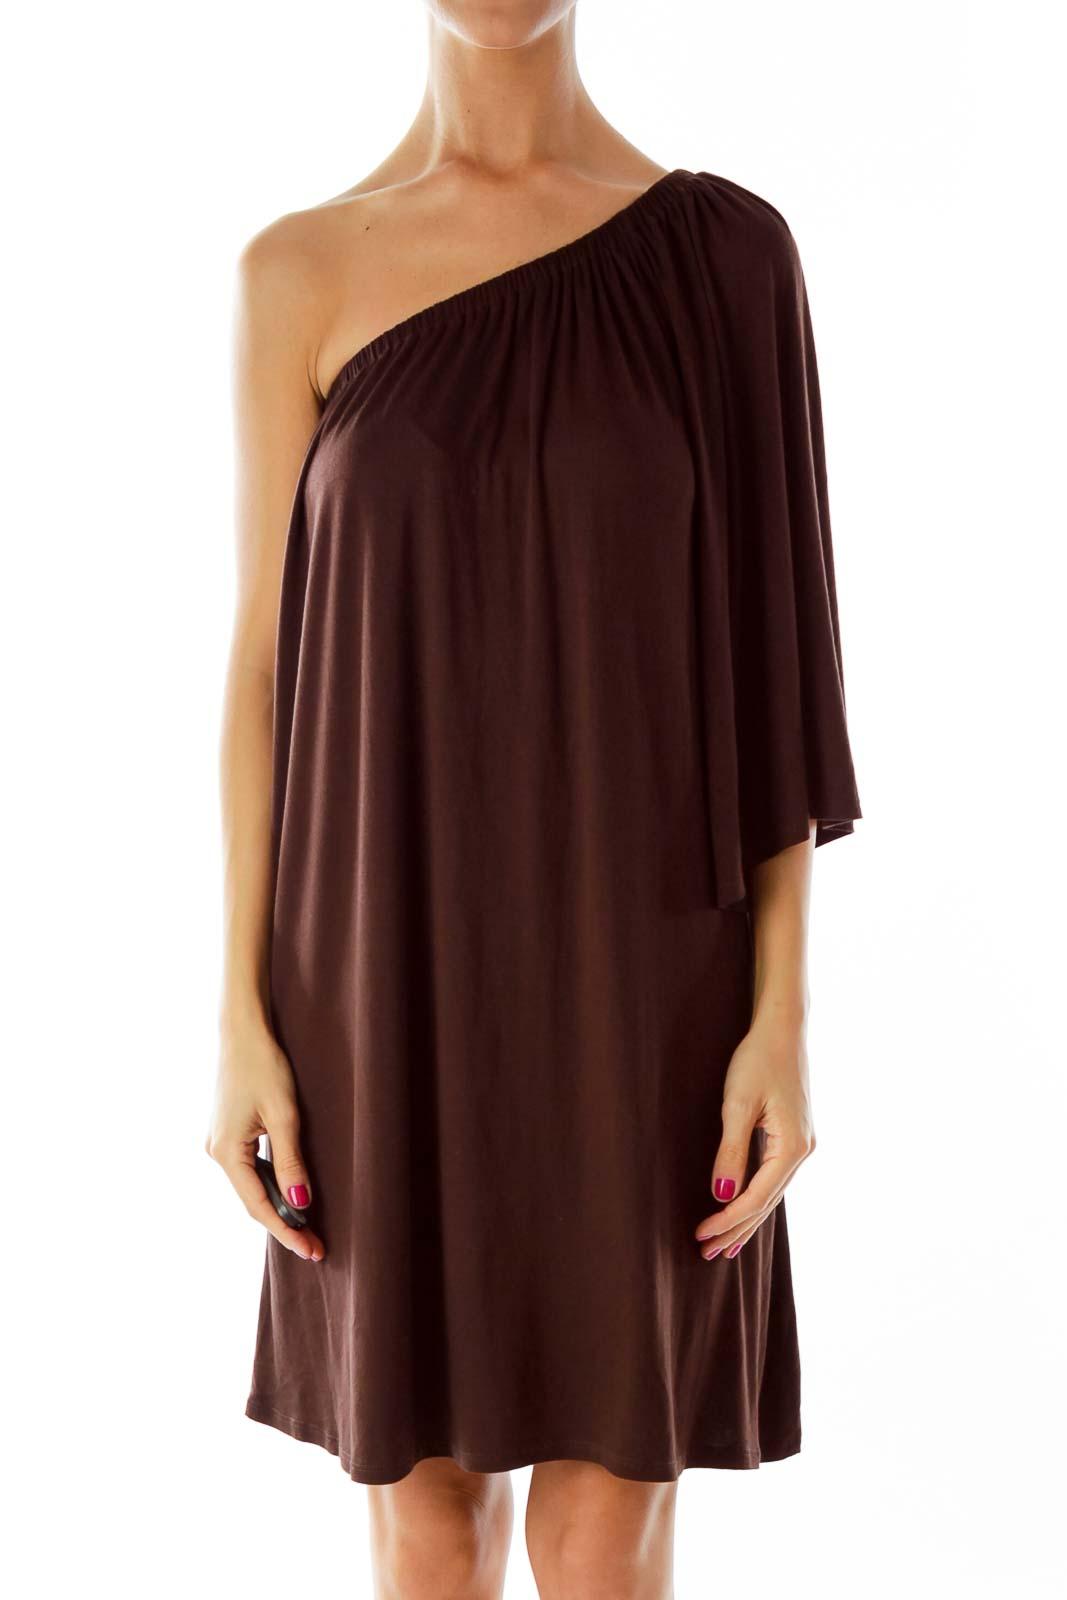 Brown One-Shoulder Cocktail Dress Front